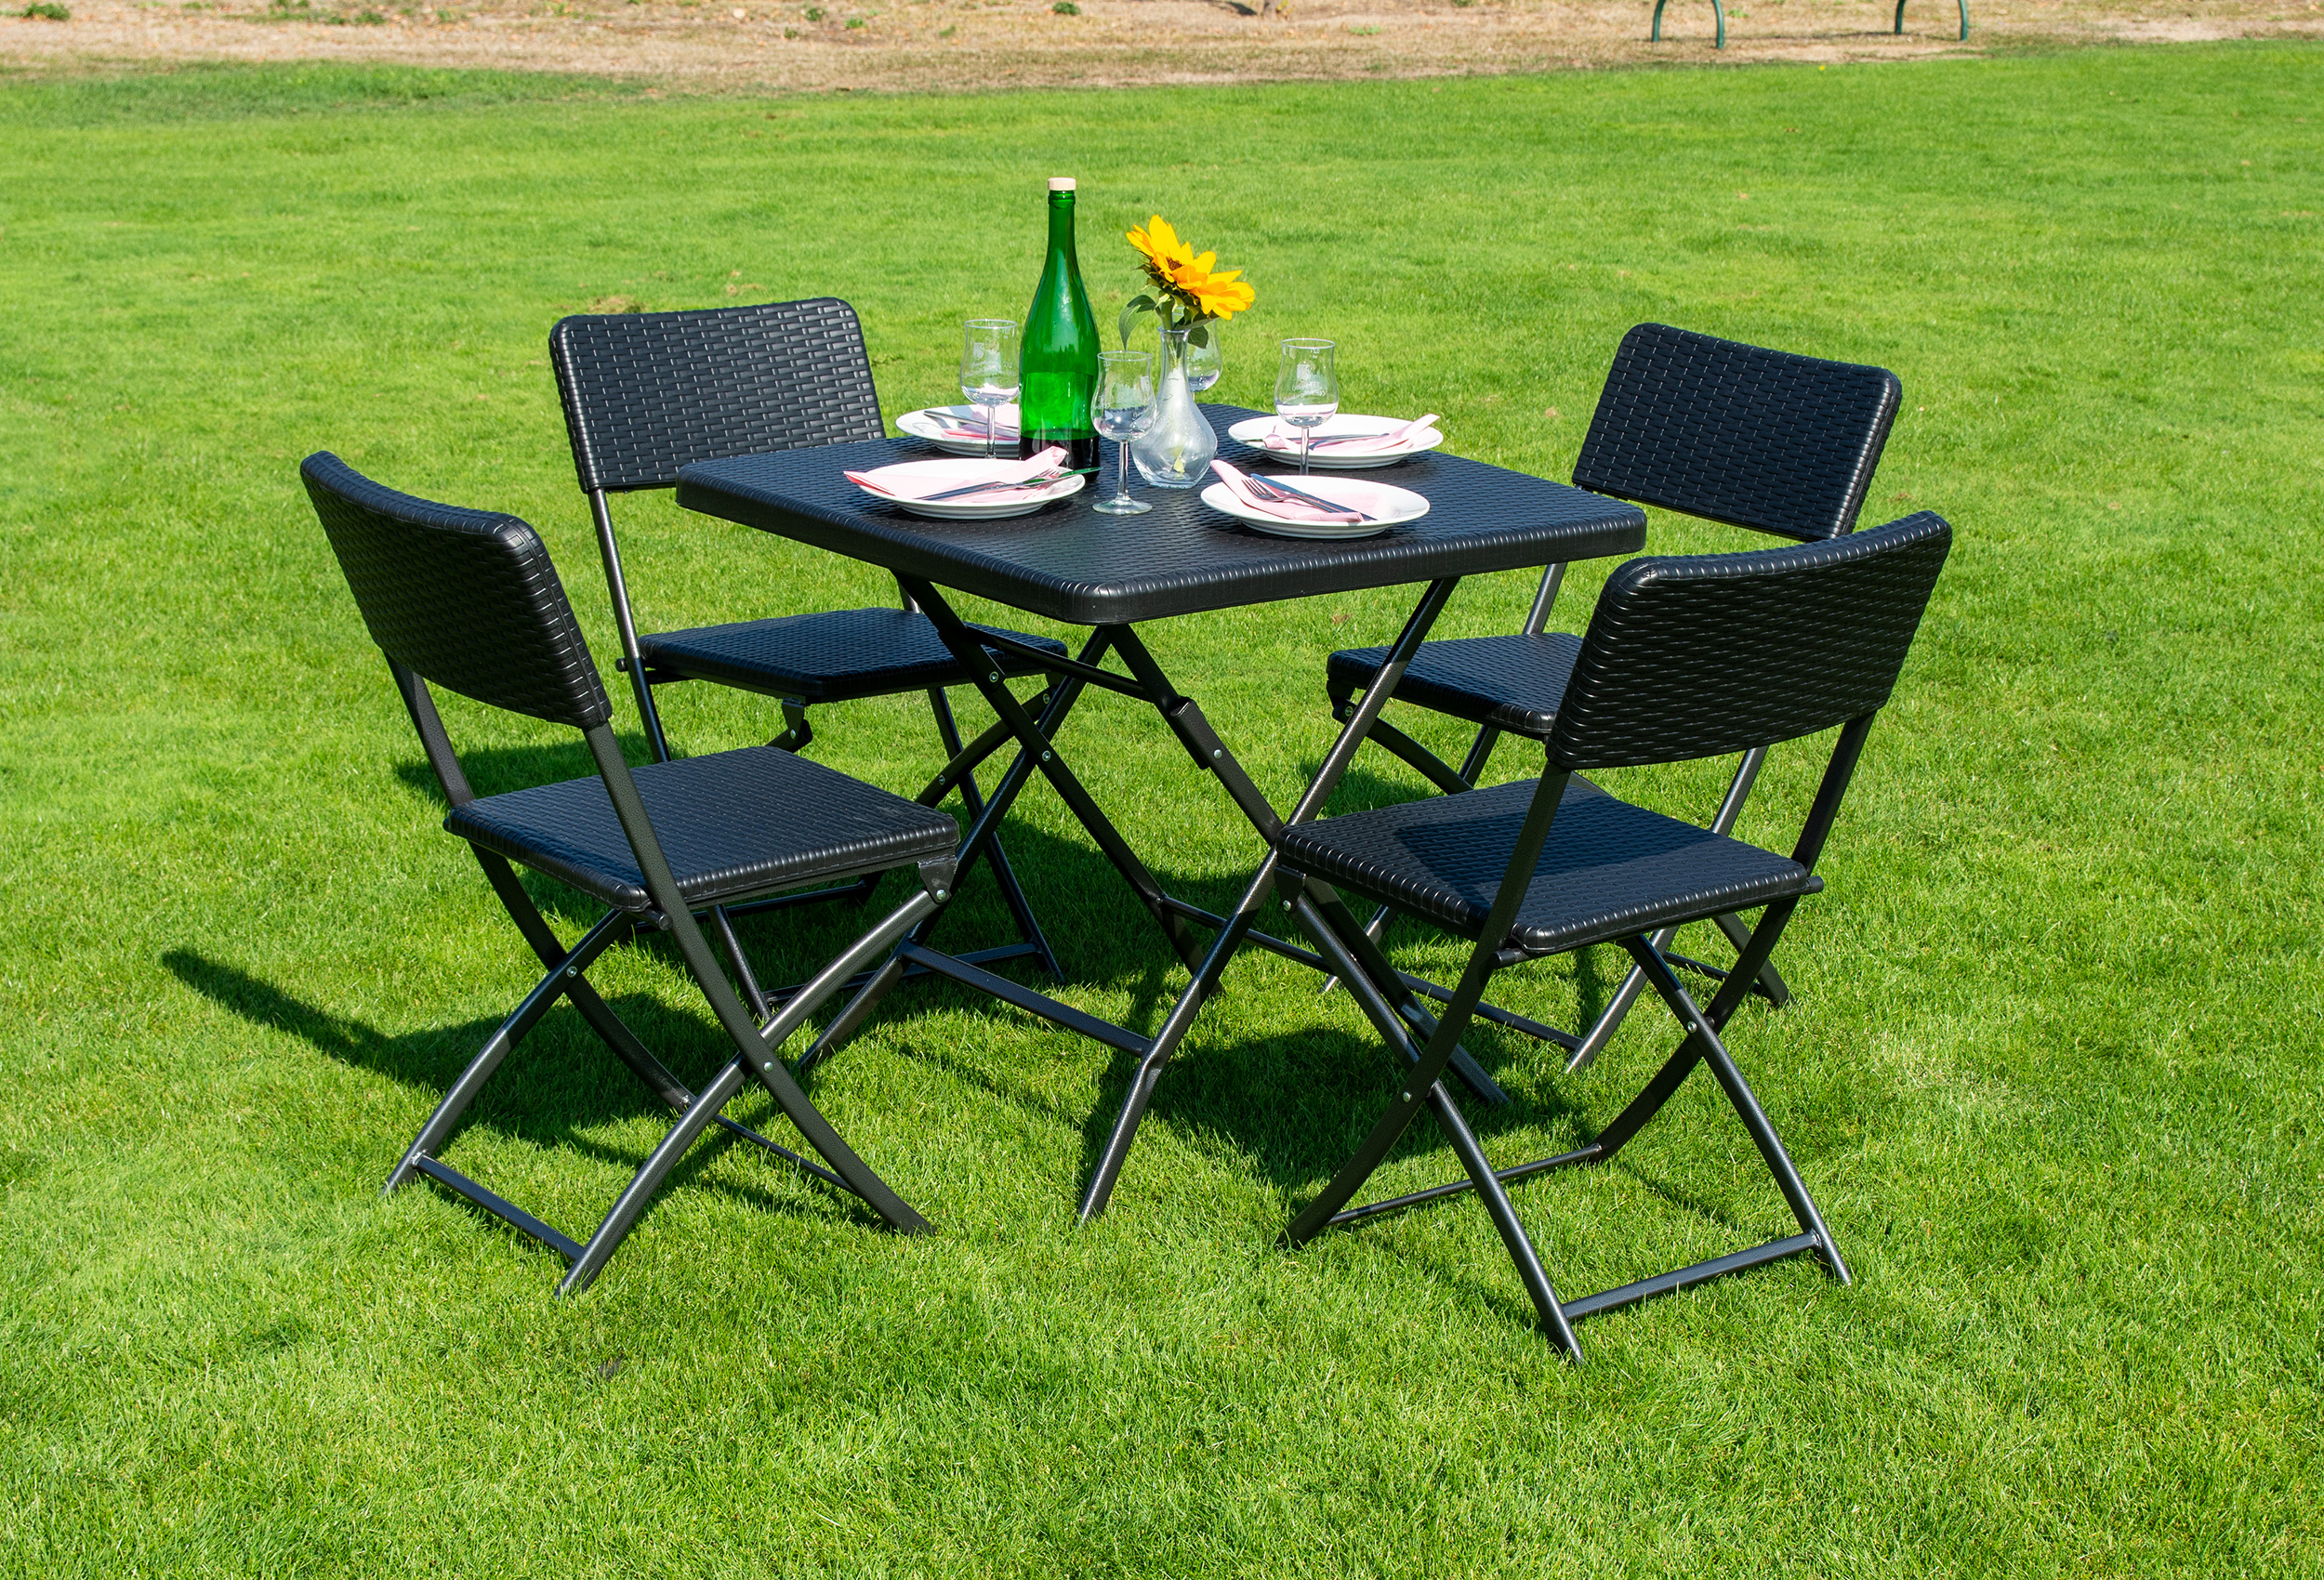 klapptisch elegancepro 78x78 cm mit 4 st hlen schwarz. Black Bedroom Furniture Sets. Home Design Ideas